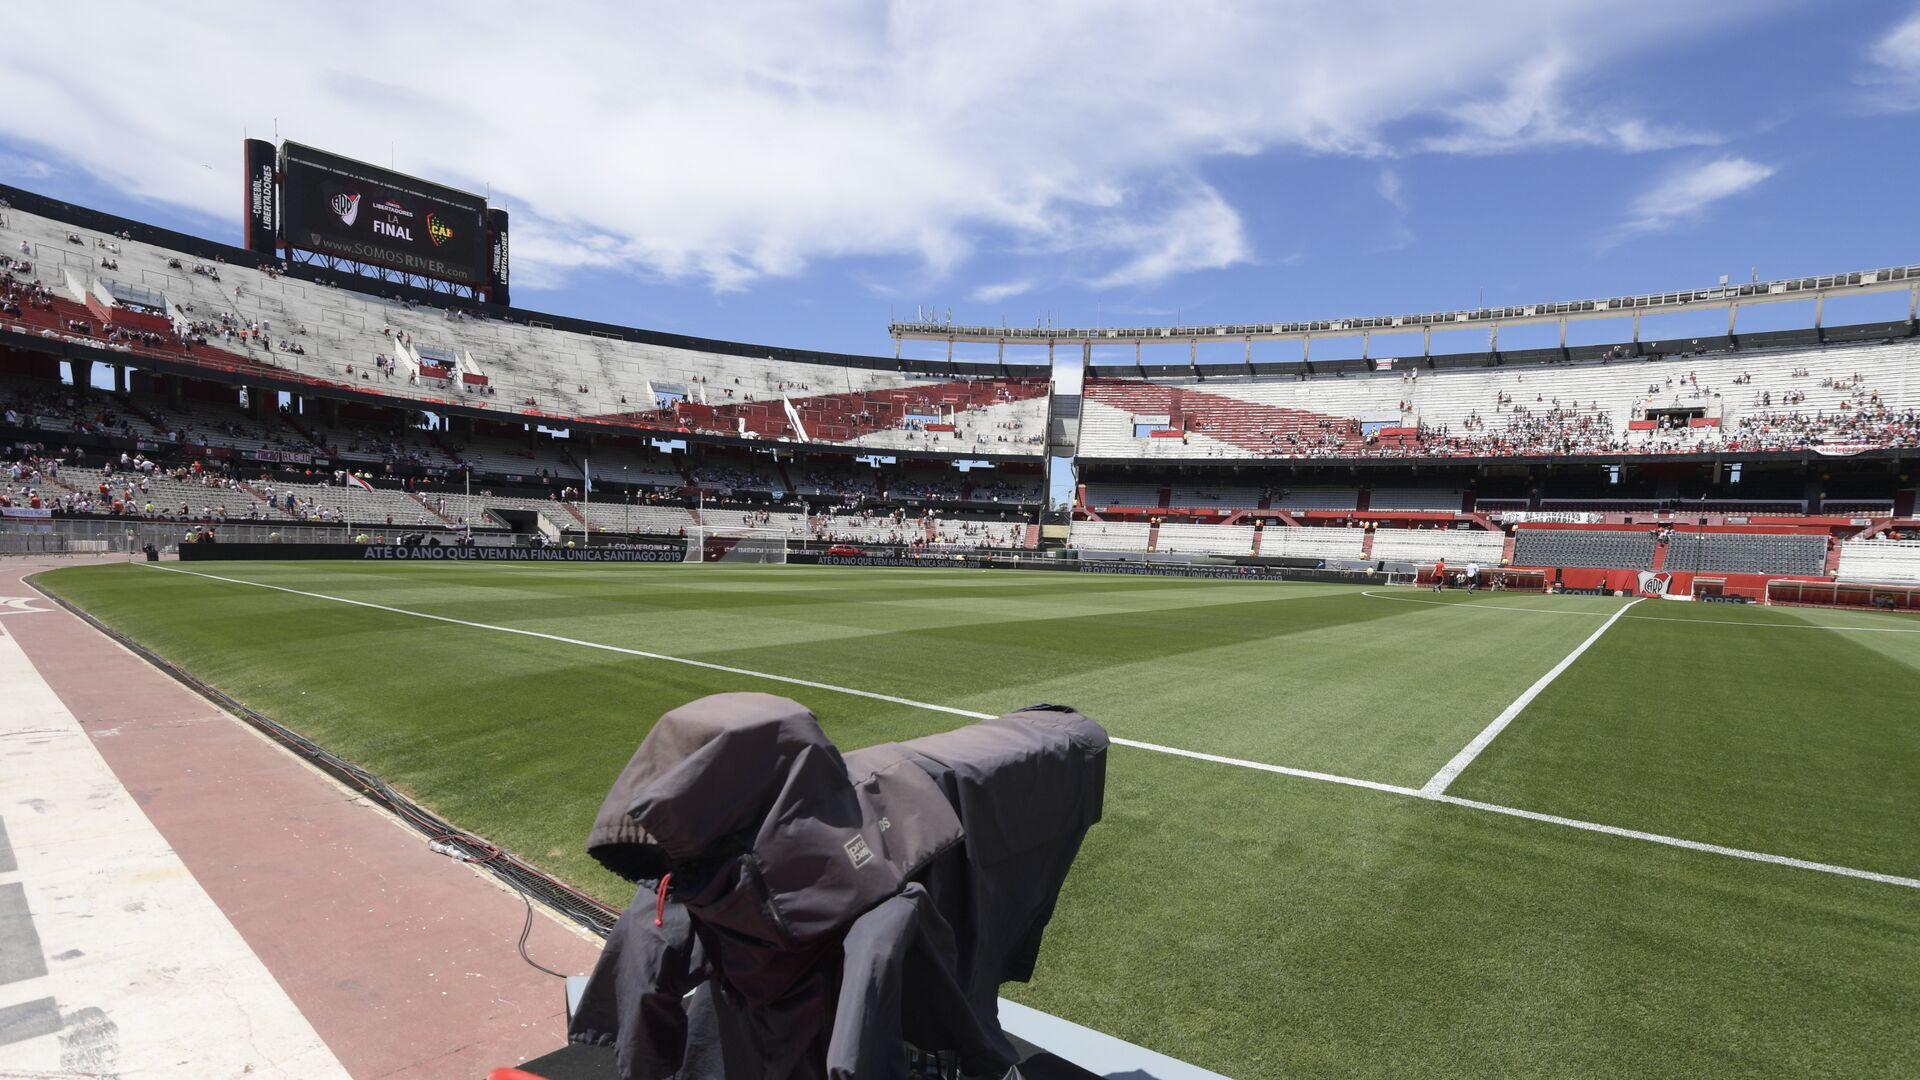 Стадион Монументаль в Буэнос-Айресе, где должен состояться финал Кубка Либертадорес - РИА Новости, 1920, 30.09.2021